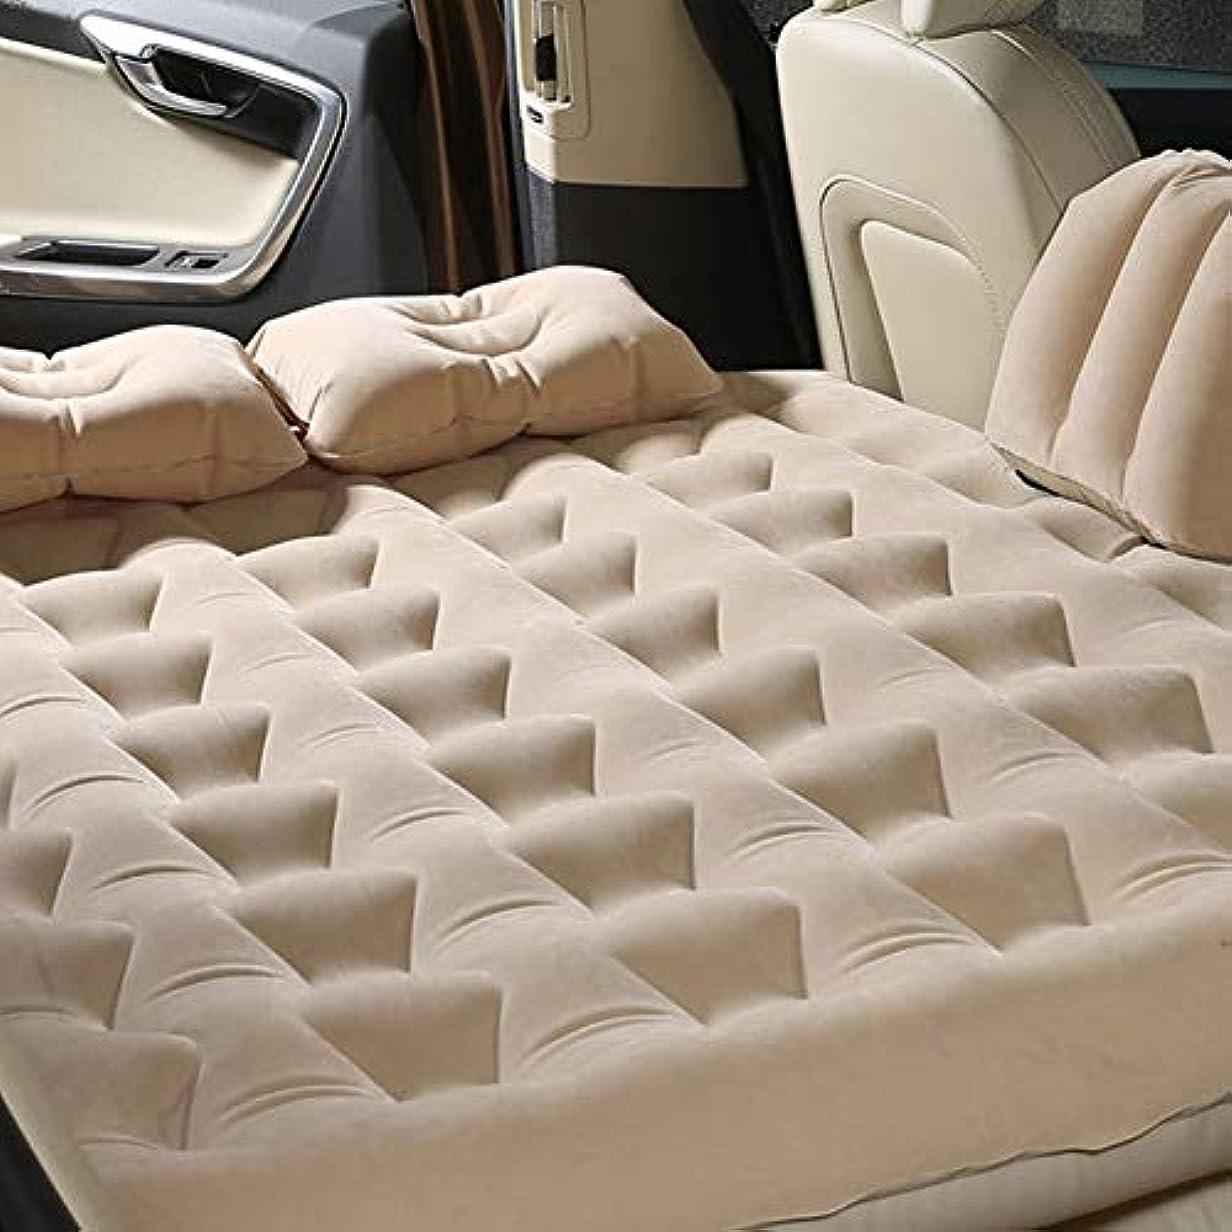 西部評論家終わりLacyie 車中泊 エアーマット エアーベッド ベッドキット SUV MPV 車 トラックのための後部座席クッション 旅行ベッドリアカーエア 135*80cm